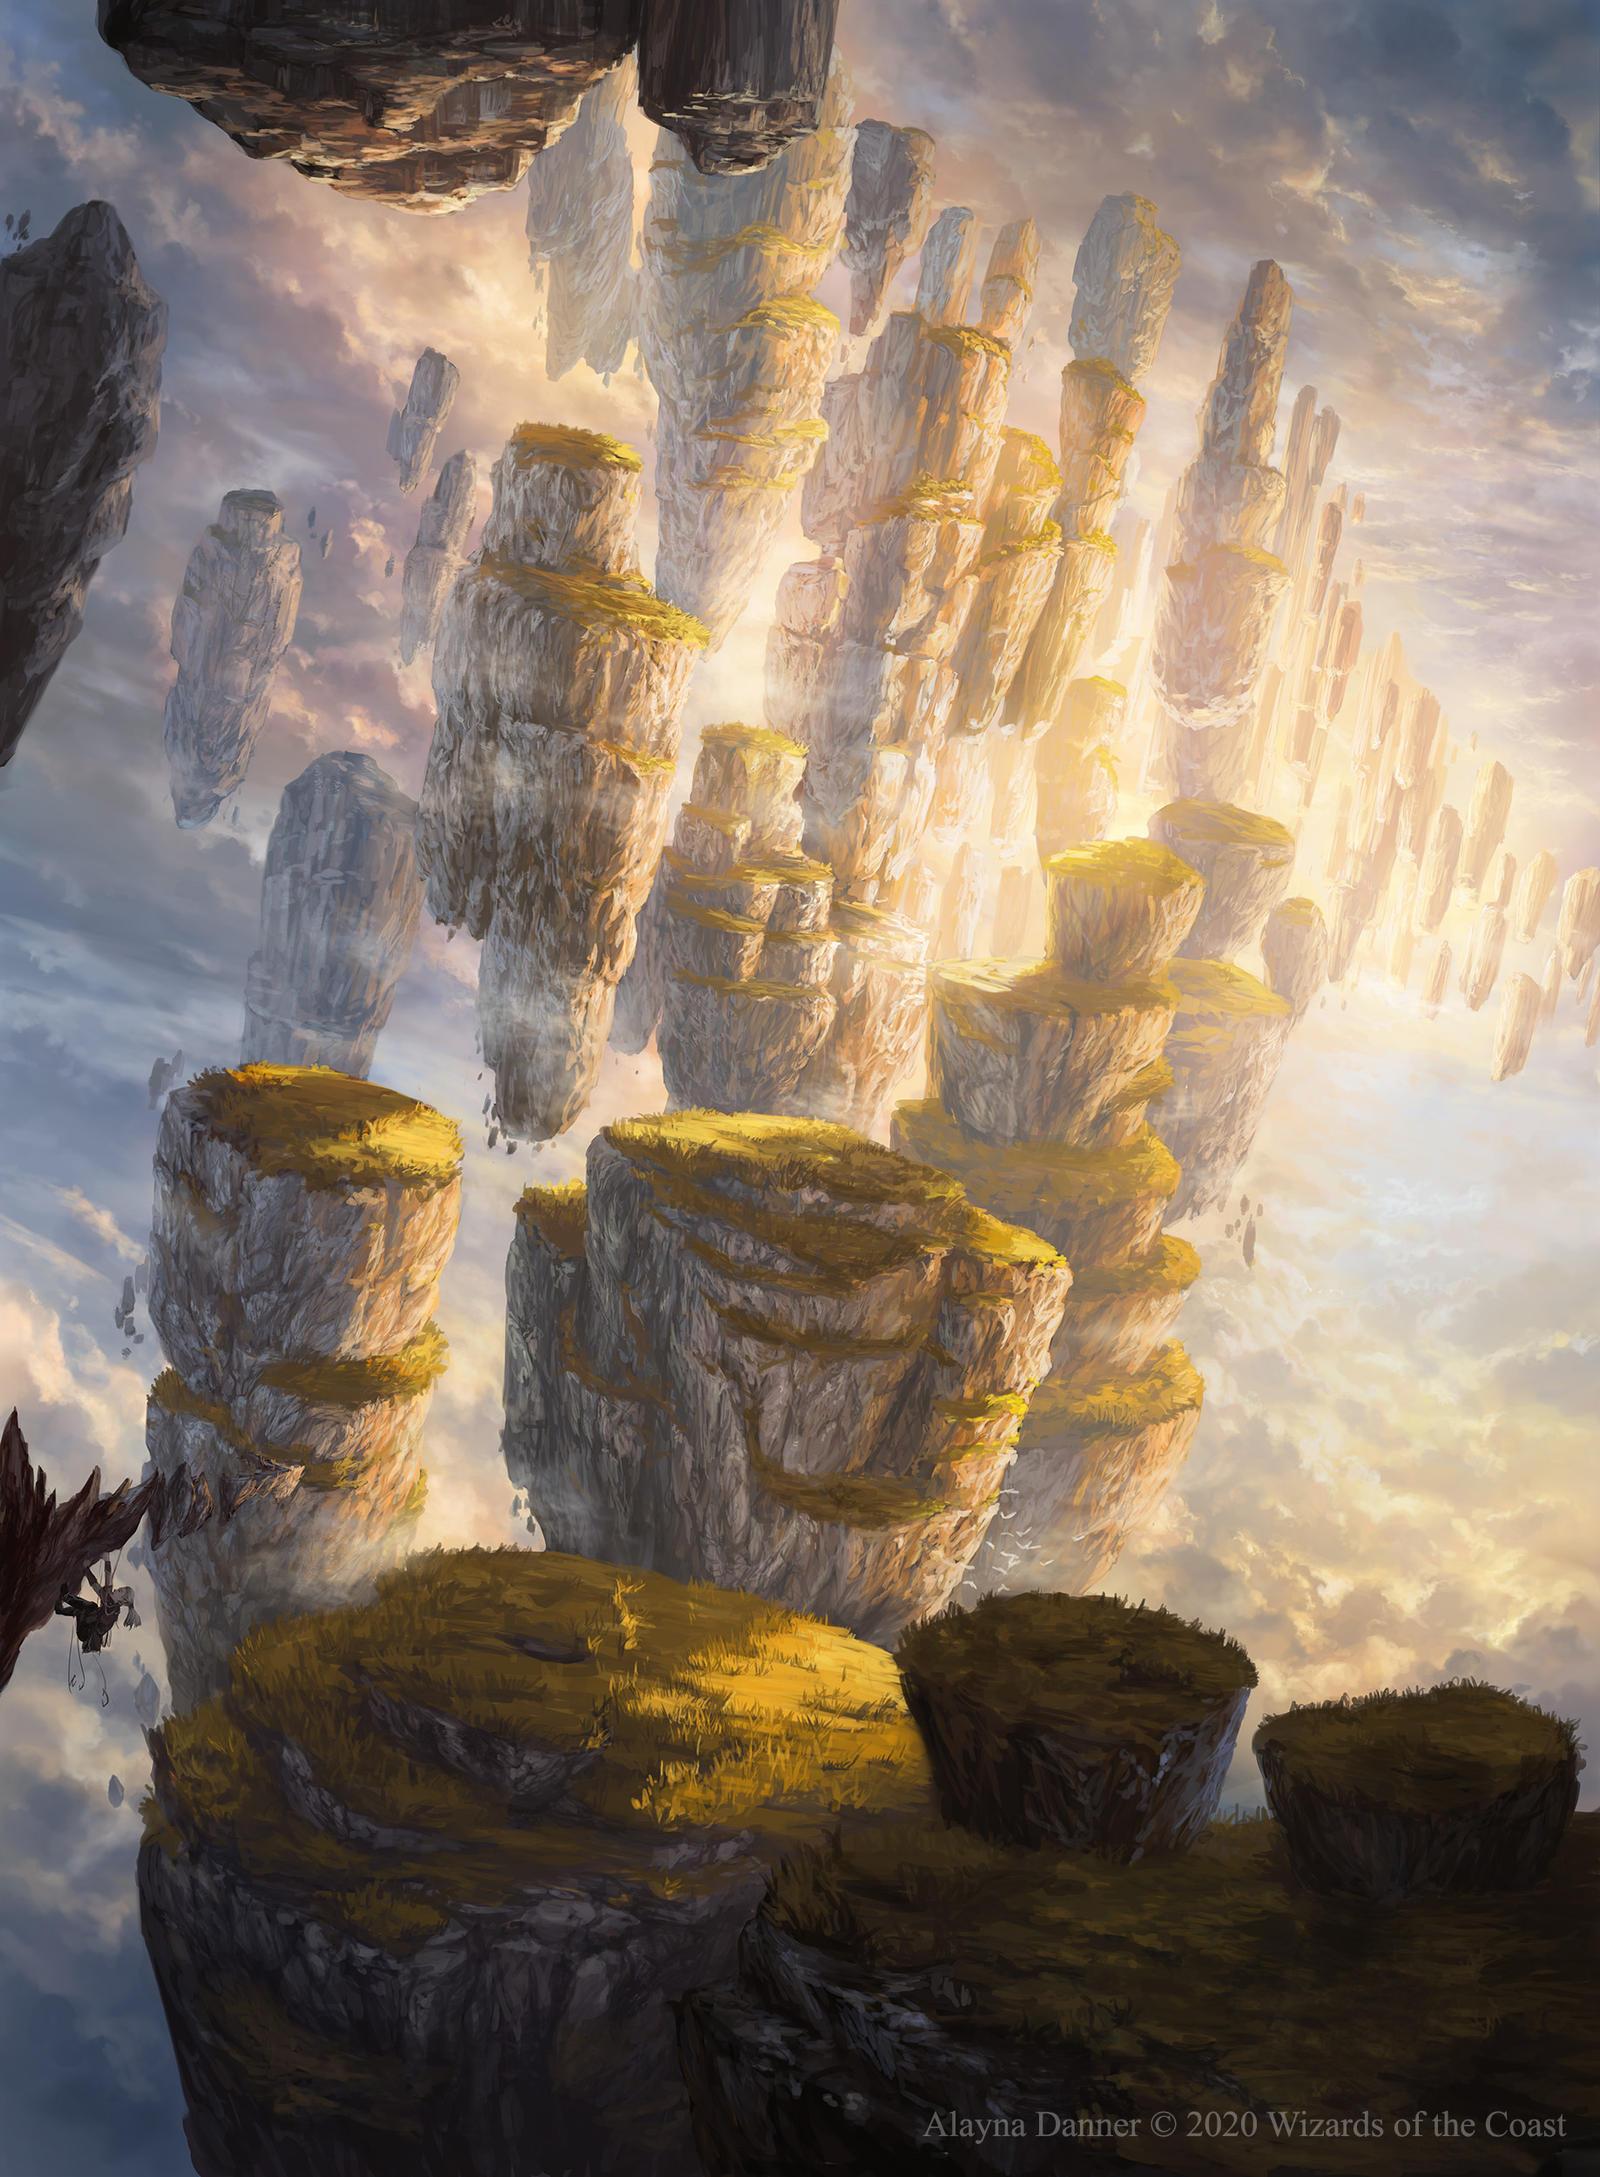 Deviant - art : une source d'inspiration pour nos univers ? - Page 3 Pillarverge_pathway_from_magic__the_gathering_by_alayna_de76osb-fullview.jpg?token=eyJ0eXAiOiJKV1QiLCJhbGciOiJIUzI1NiJ9.eyJzdWIiOiJ1cm46YXBwOjdlMGQxODg5ODIyNjQzNzNhNWYwZDQxNWVhMGQyNmUwIiwiaXNzIjoidXJuOmFwcDo3ZTBkMTg4OTgyMjY0MzczYTVmMGQ0MTVlYTBkMjZlMCIsIm9iaiI6W1t7ImhlaWdodCI6Ijw9MjE3NyIsInBhdGgiOiJcL2ZcLzAyMDliZDE4LTMxNjEtNDU3MC04NGM0LWU3NDE5ZTFmZGNlYVwvZGU3Nm9zYi05ZWNhMzdkOS0yMzg0LTRmYmItYjAzZC02NDQ0NTU1MzAwZTIuanBnIiwid2lkdGgiOiI8PTE2MDAifV1dLCJhdWQiOlsidXJuOnNlcnZpY2U6aW1hZ2Uub3BlcmF0aW9ucyJdfQ